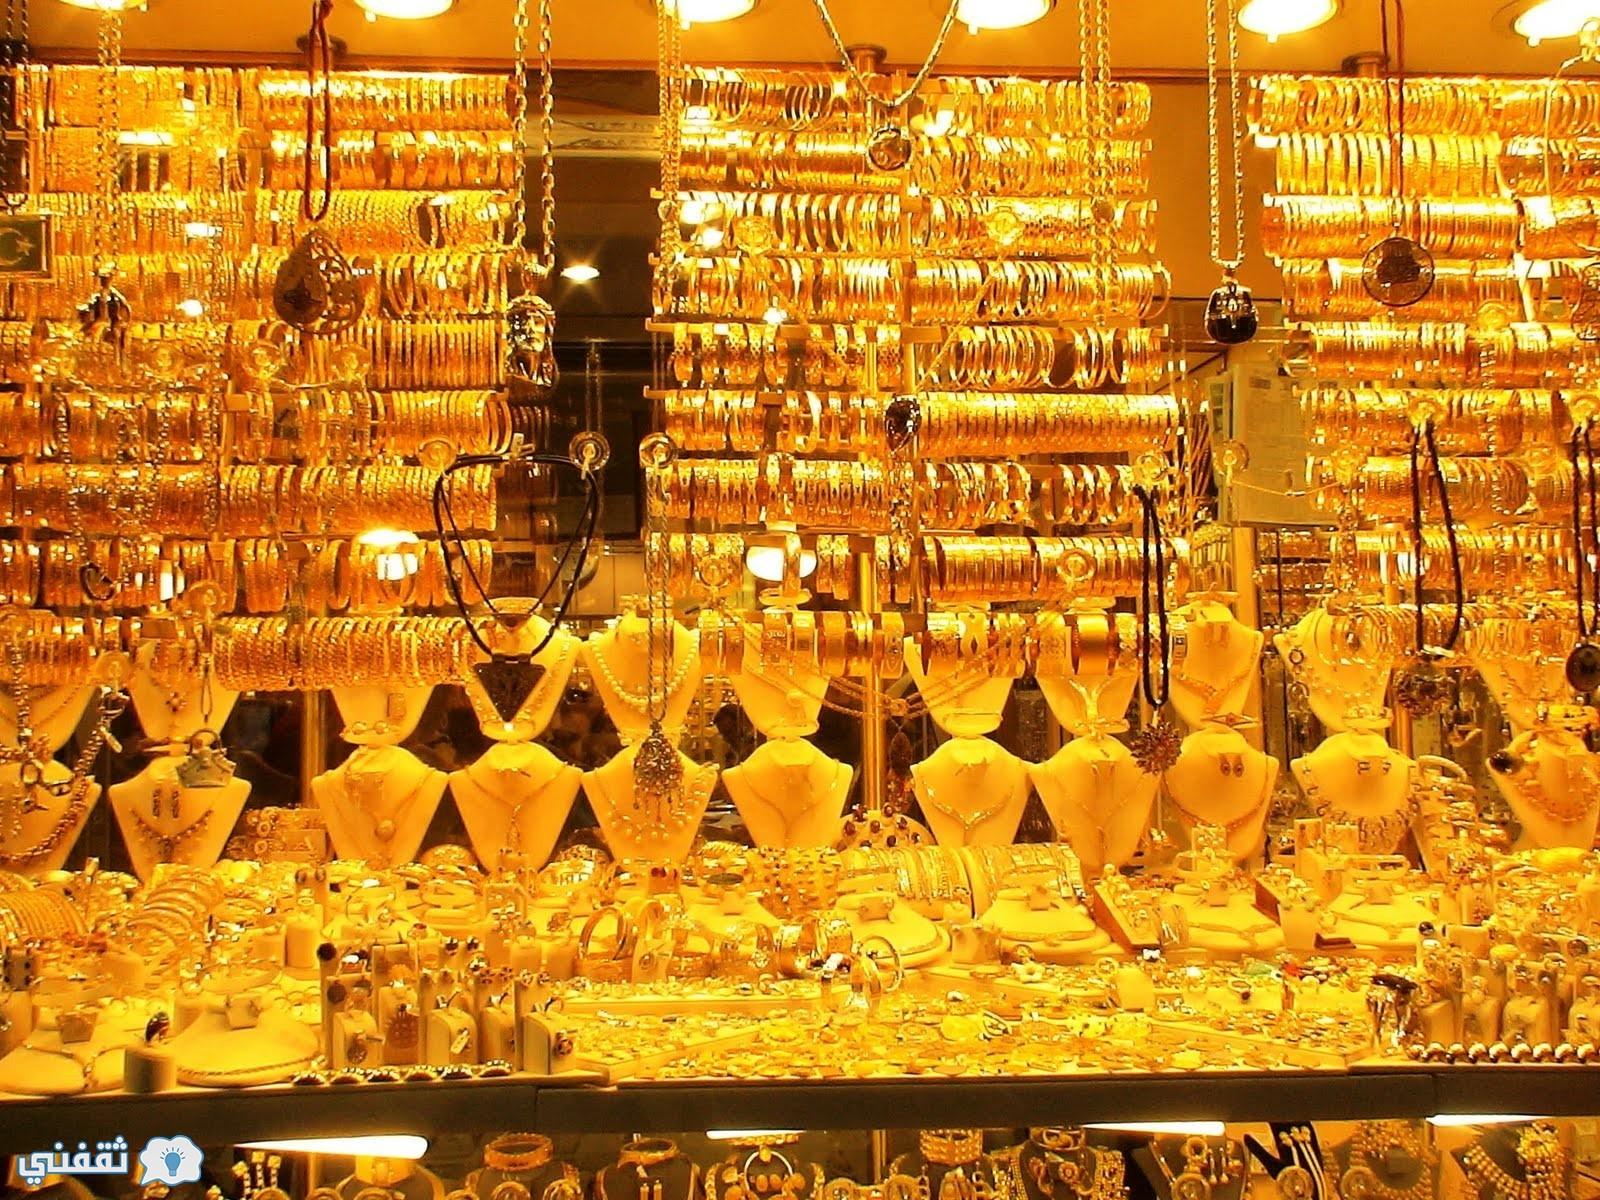 سعر الذهب اليوم  بالجنية المصري في الأسواق ومتابعة لتغيرات أسعار المعدن الأصفر